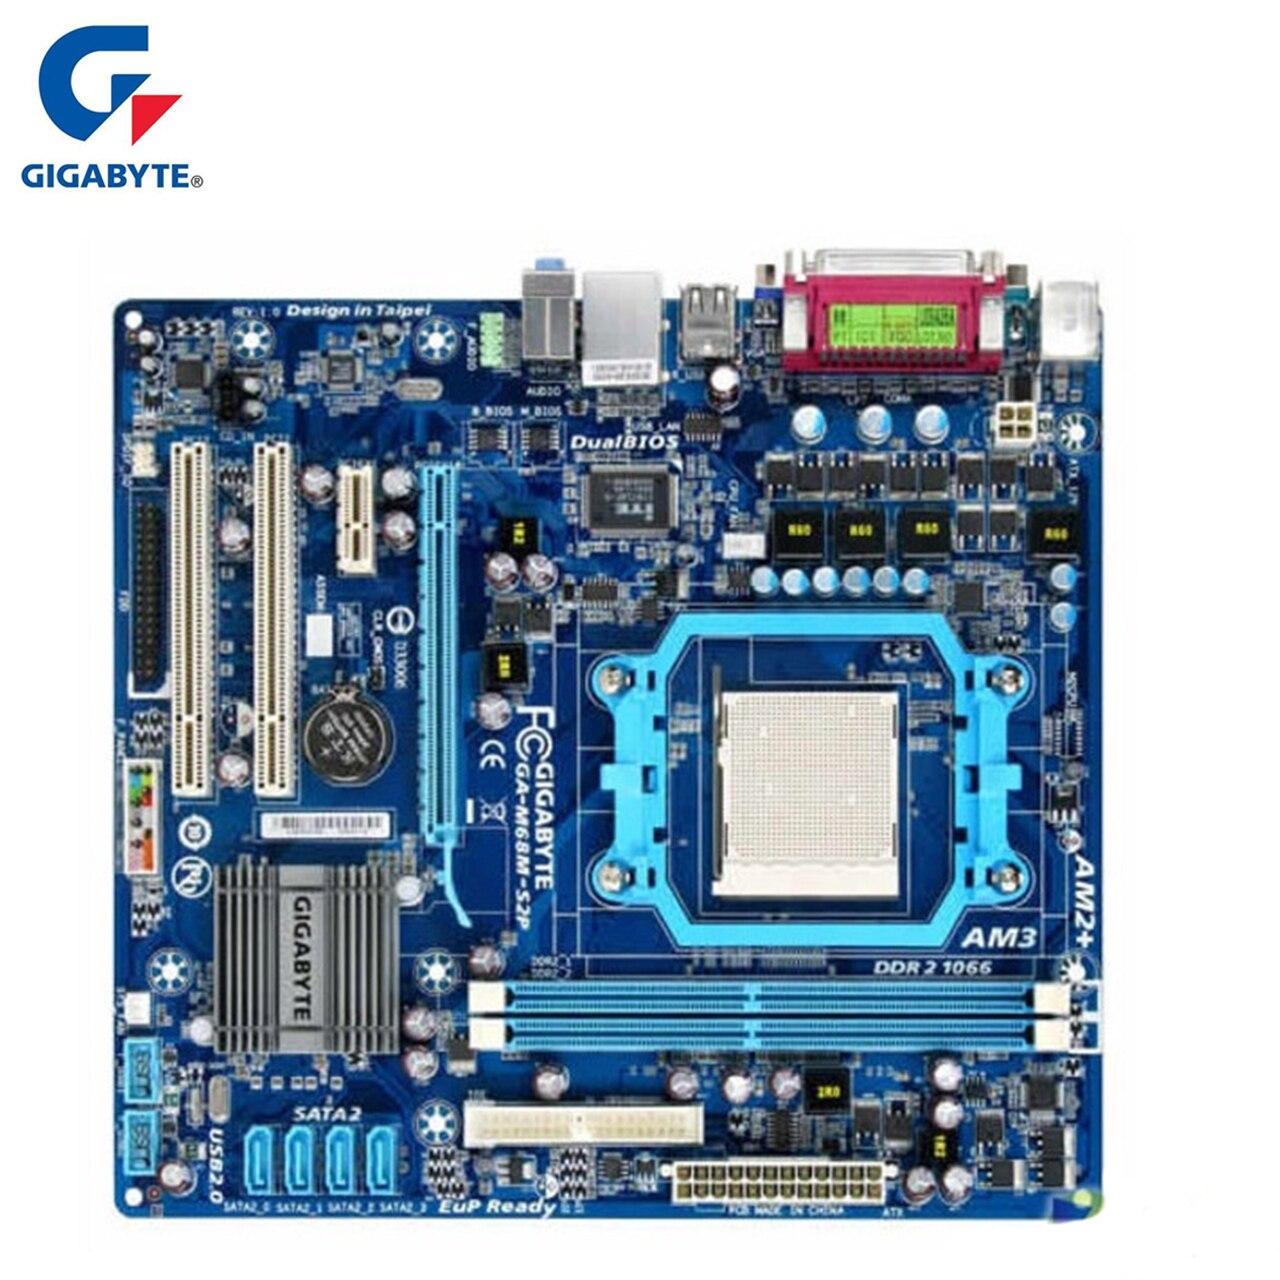 Gigabyte GA-M68M-S2P материнской DDR2 8 GB разъем AM2/AM2 +/AM3 M68M S2P Desktop Systemboard используются интегрированный Графика